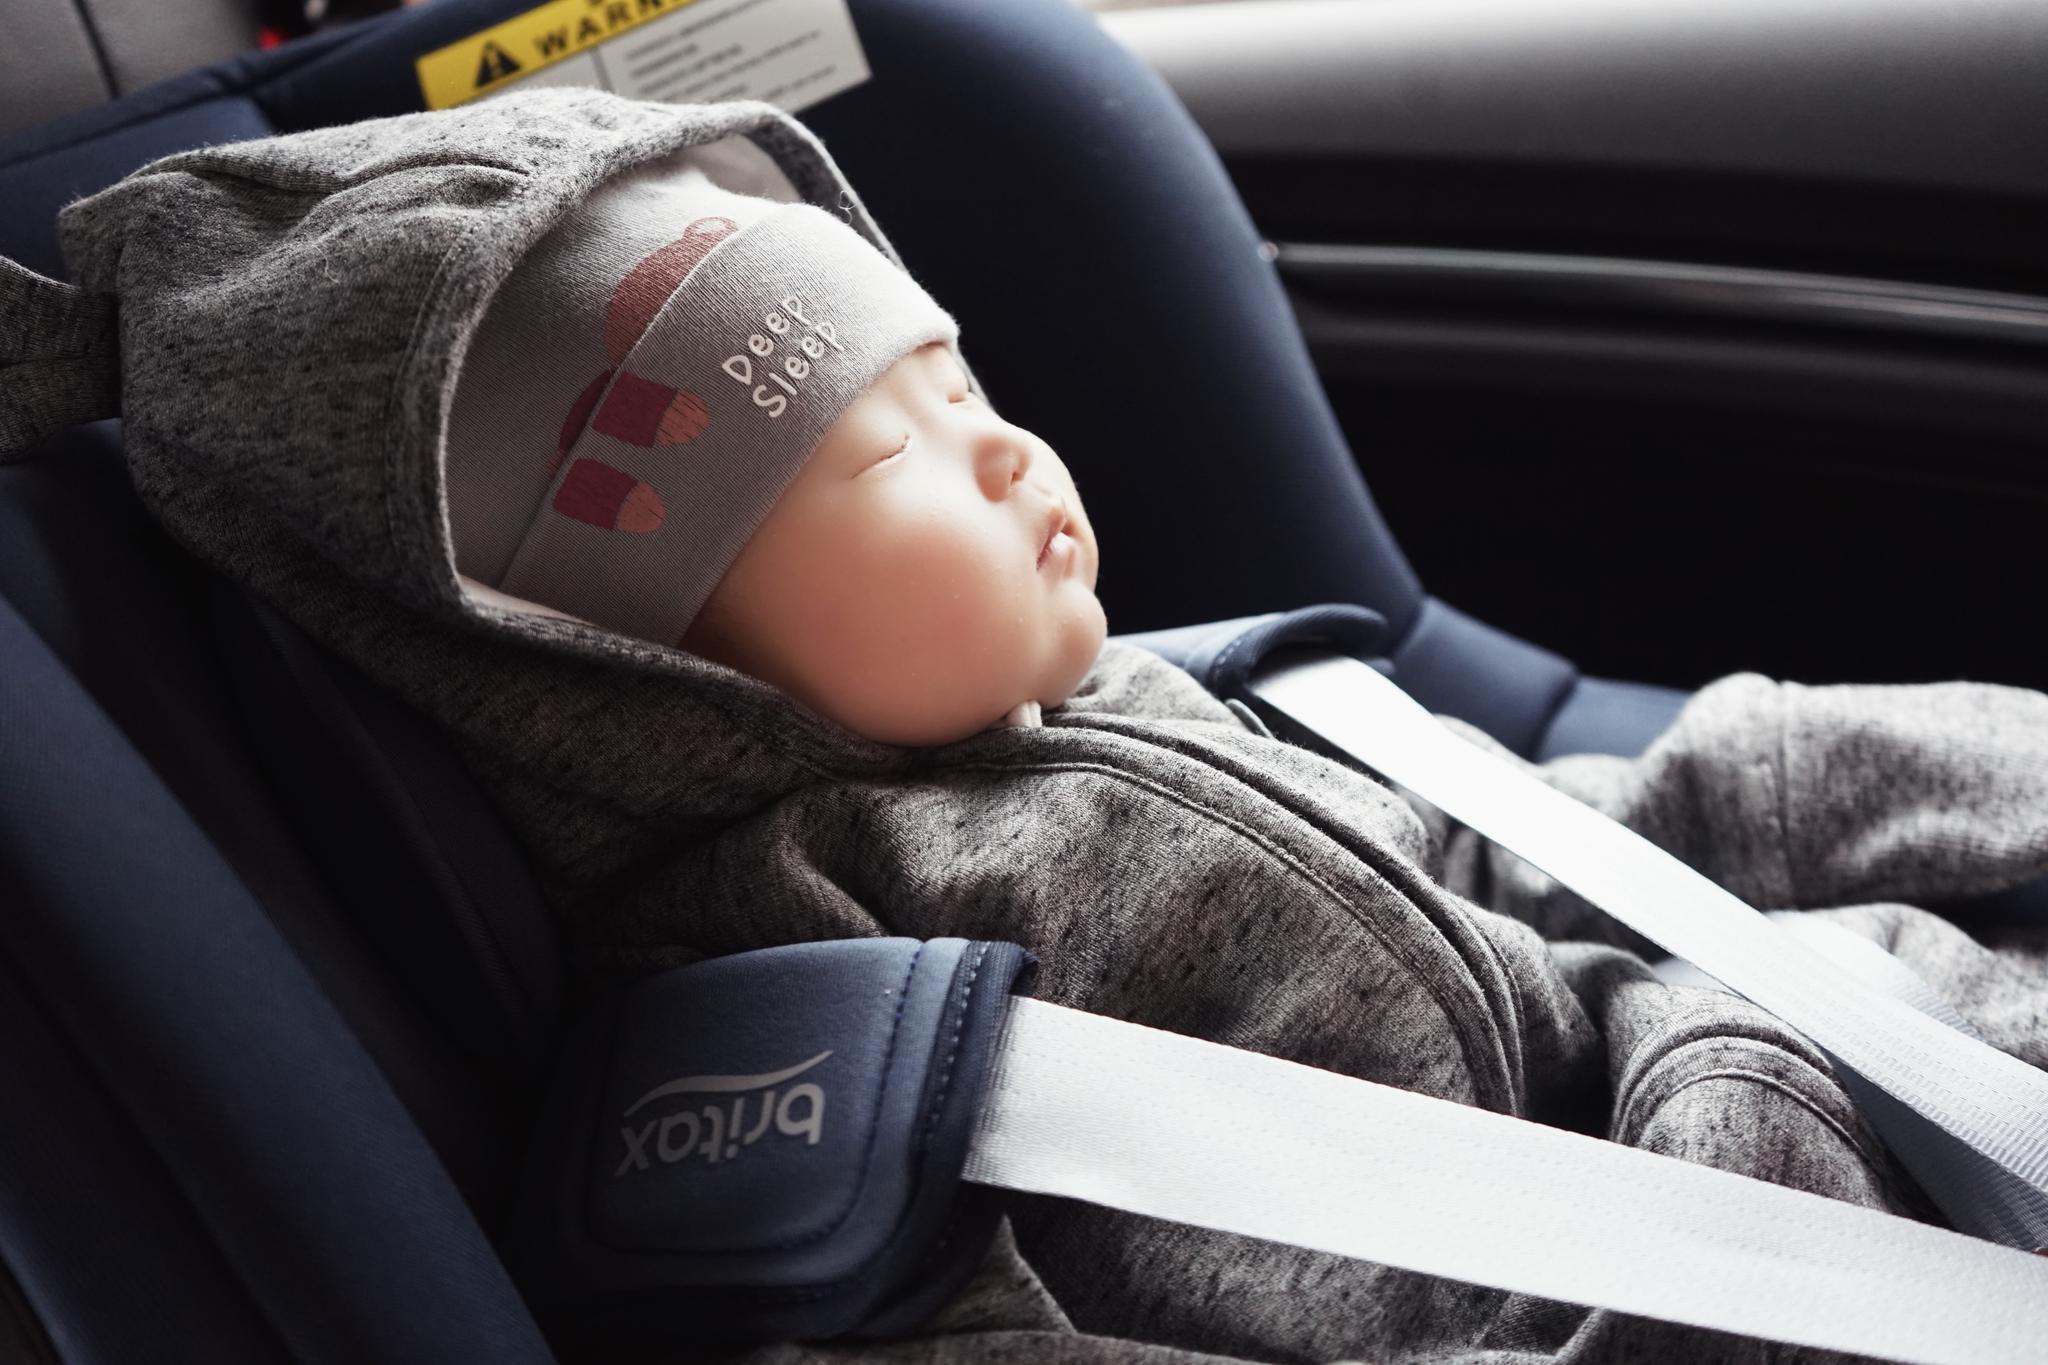 对刚出生的宝宝来说,带宝贝儿出行真的有很多注意事项……